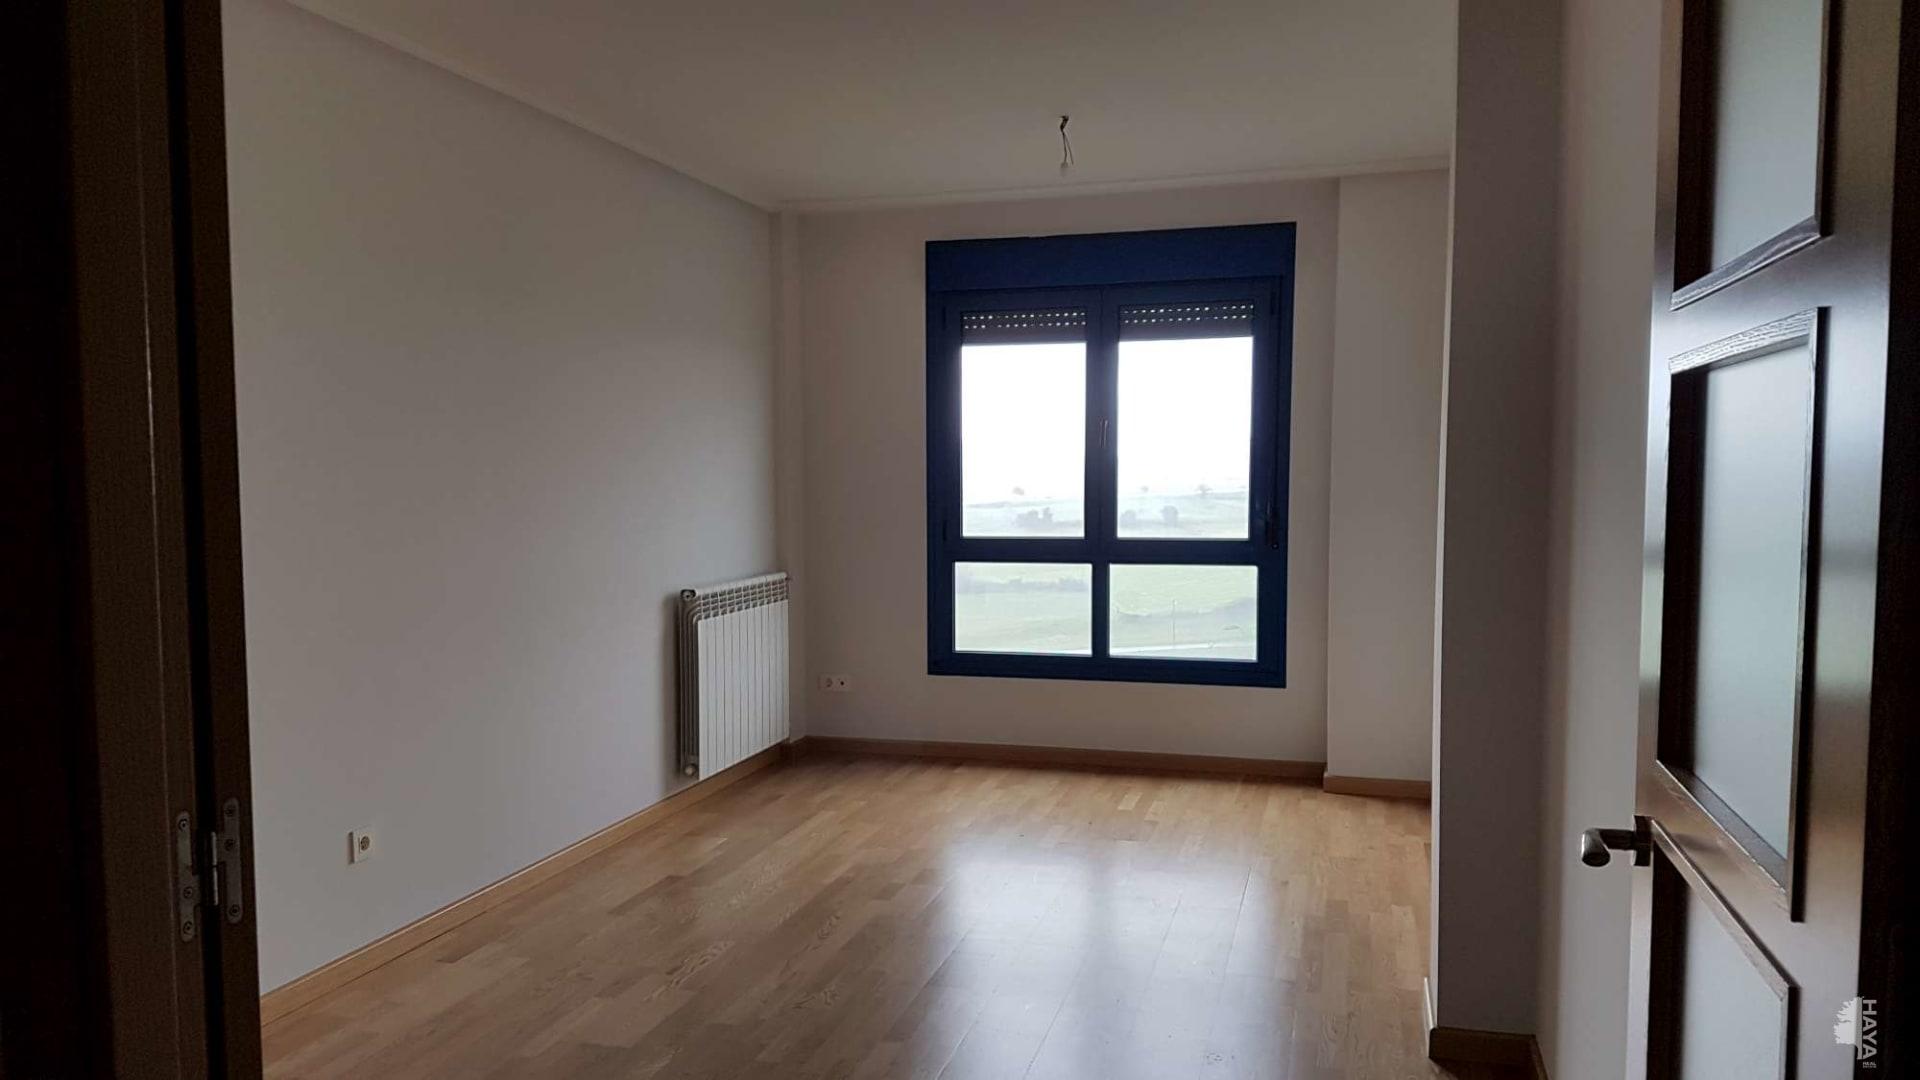 Piso en venta en Piso en Corvera de Asturias, Asturias, 100.000 €, 3 habitaciones, 1 baño, 89 m2